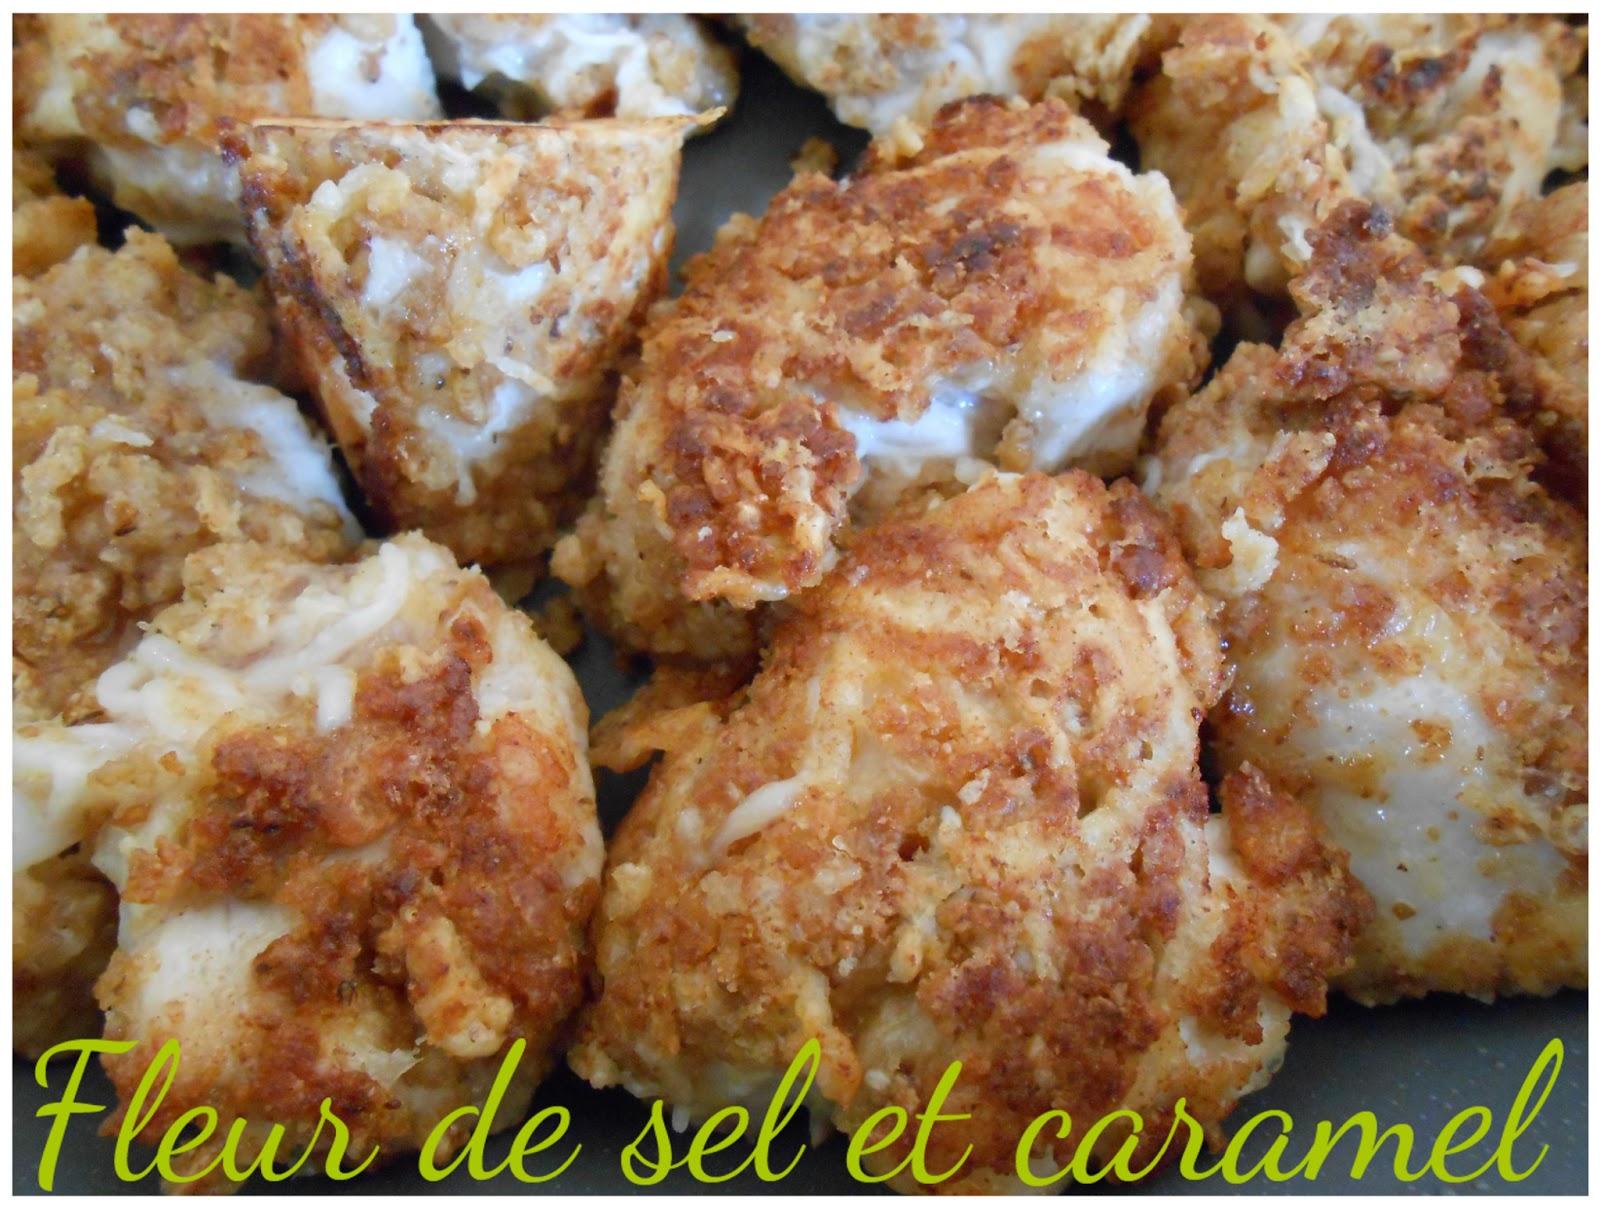 Fleur de sel et Caramel: Nuggets maison